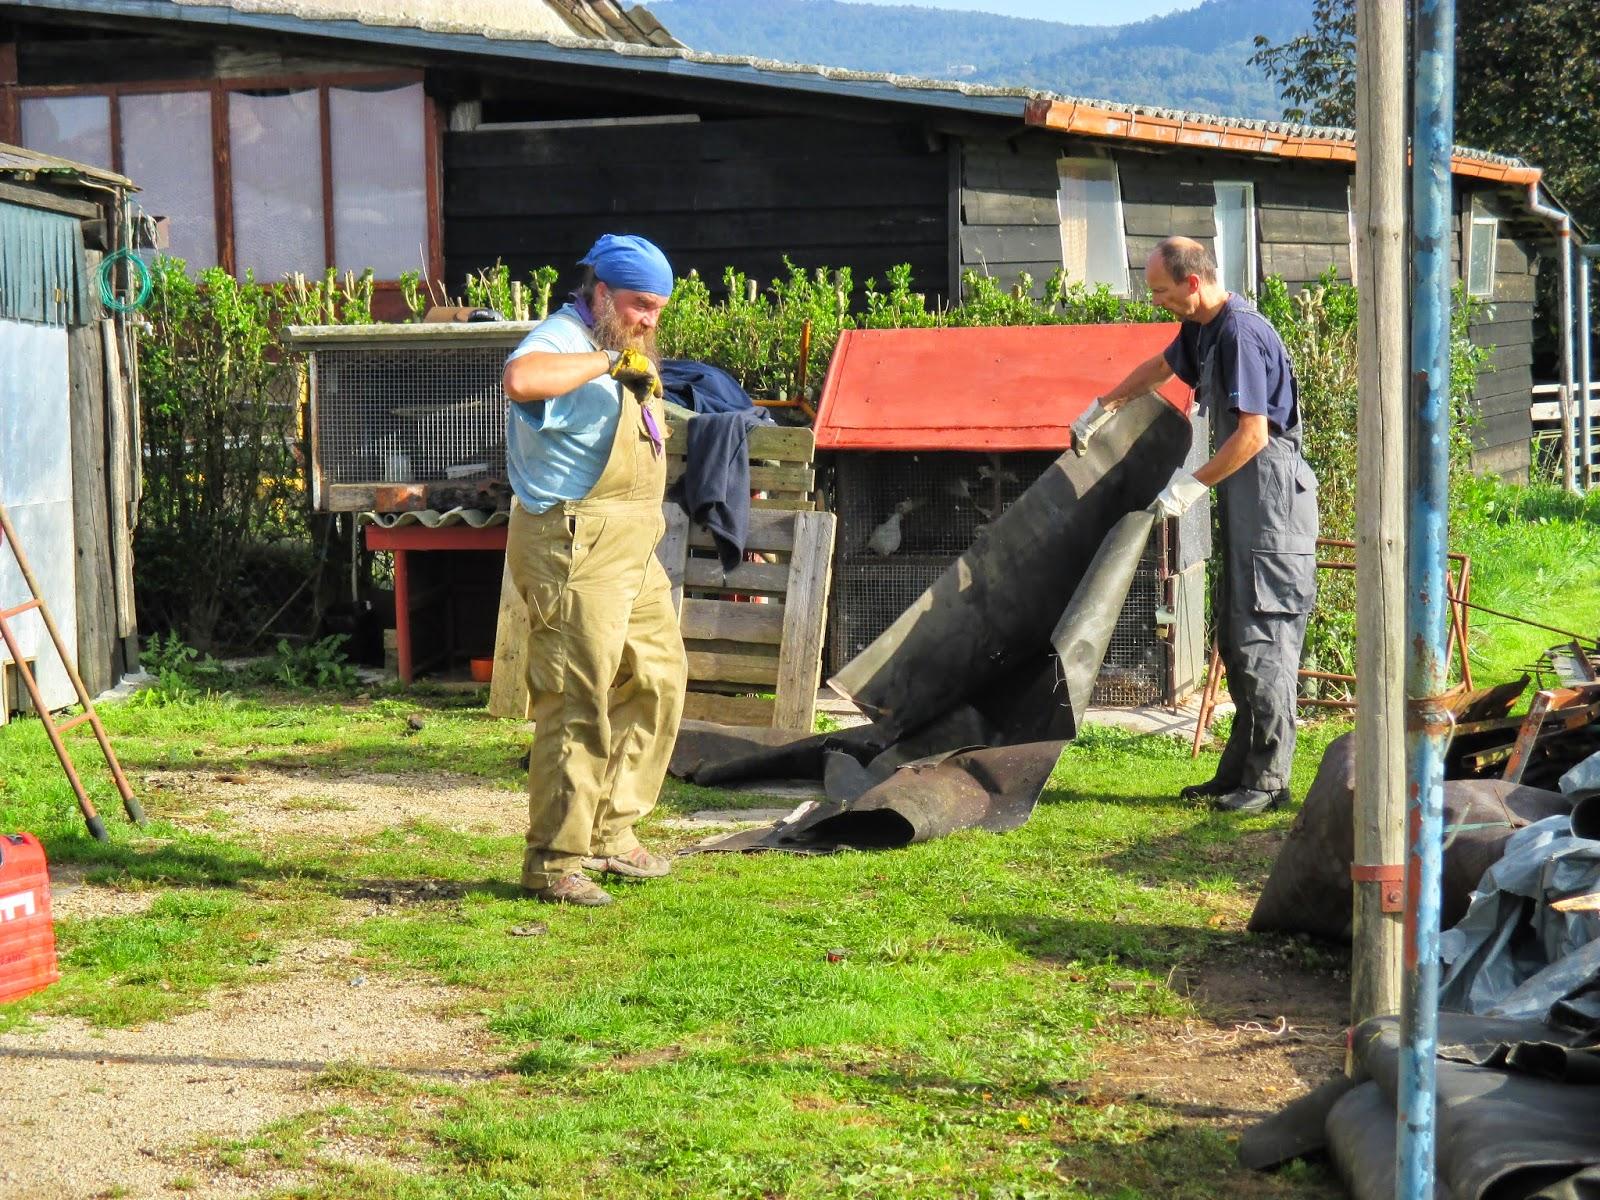 Delovna akcija Rečica, Ilirska Bistrica, 27., 28., 29., 30. 9. 2014 - IMG_0053.jpg